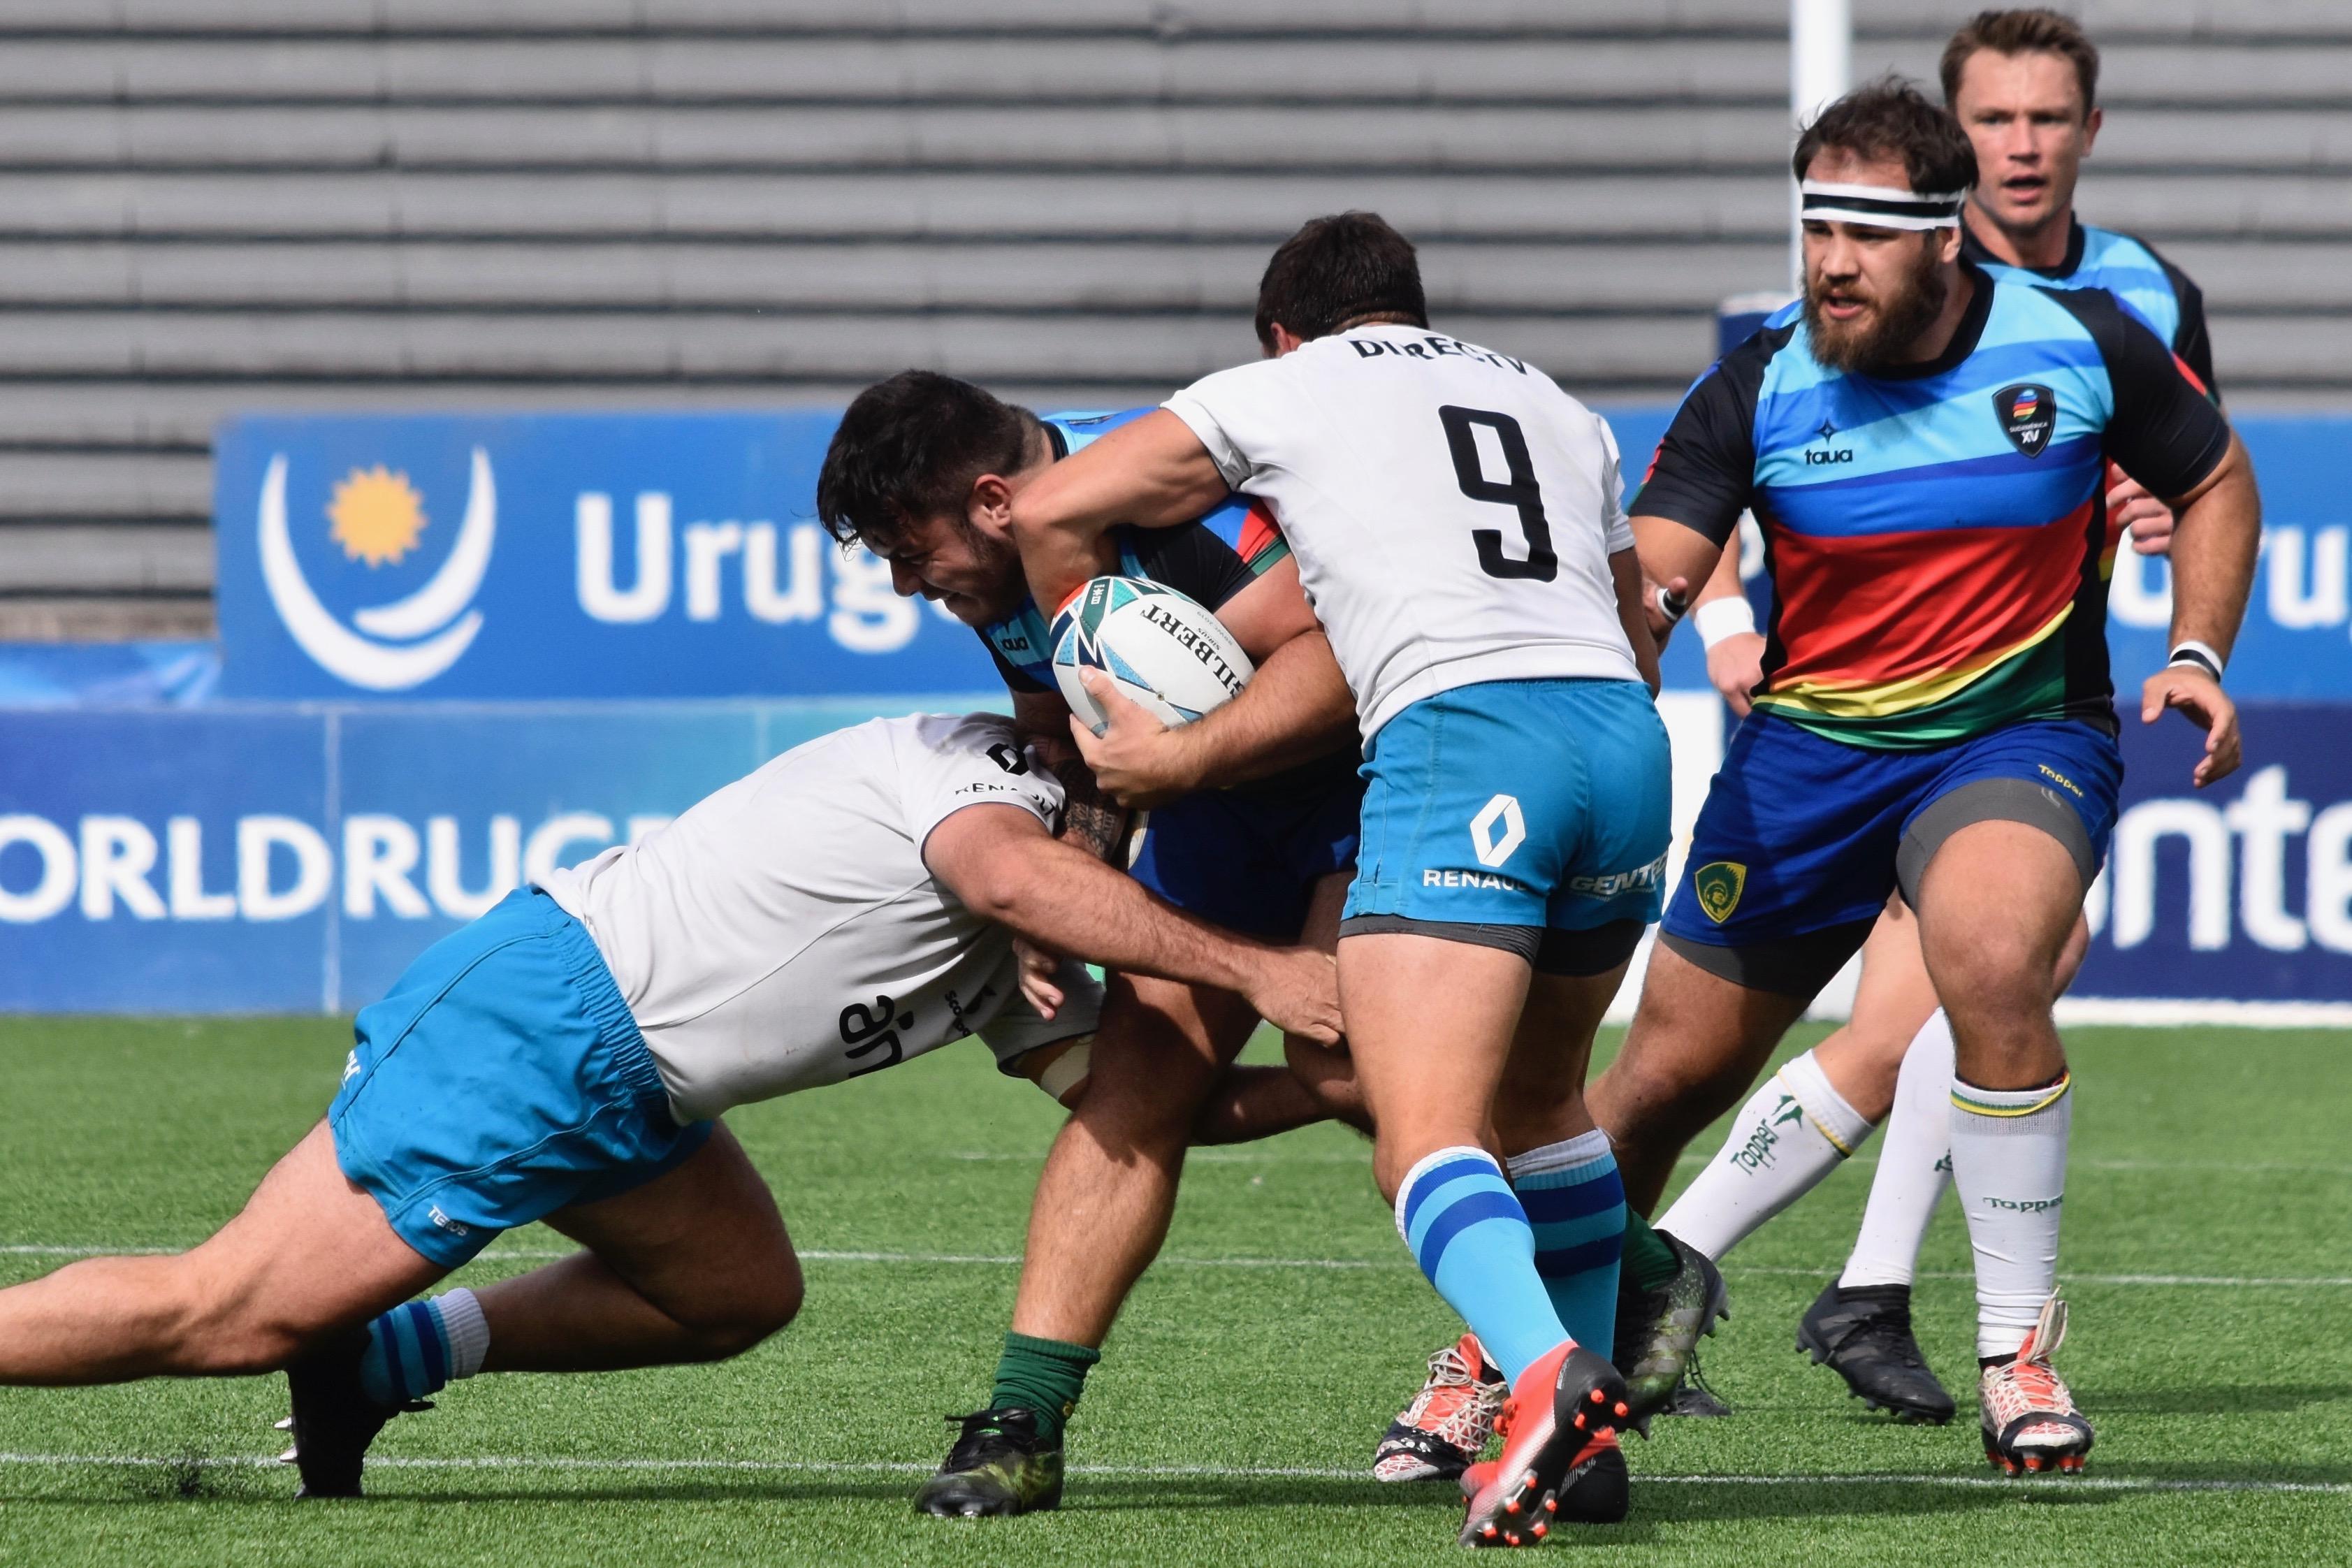 World Rugby exigirá se cumpla la regla en el tackle